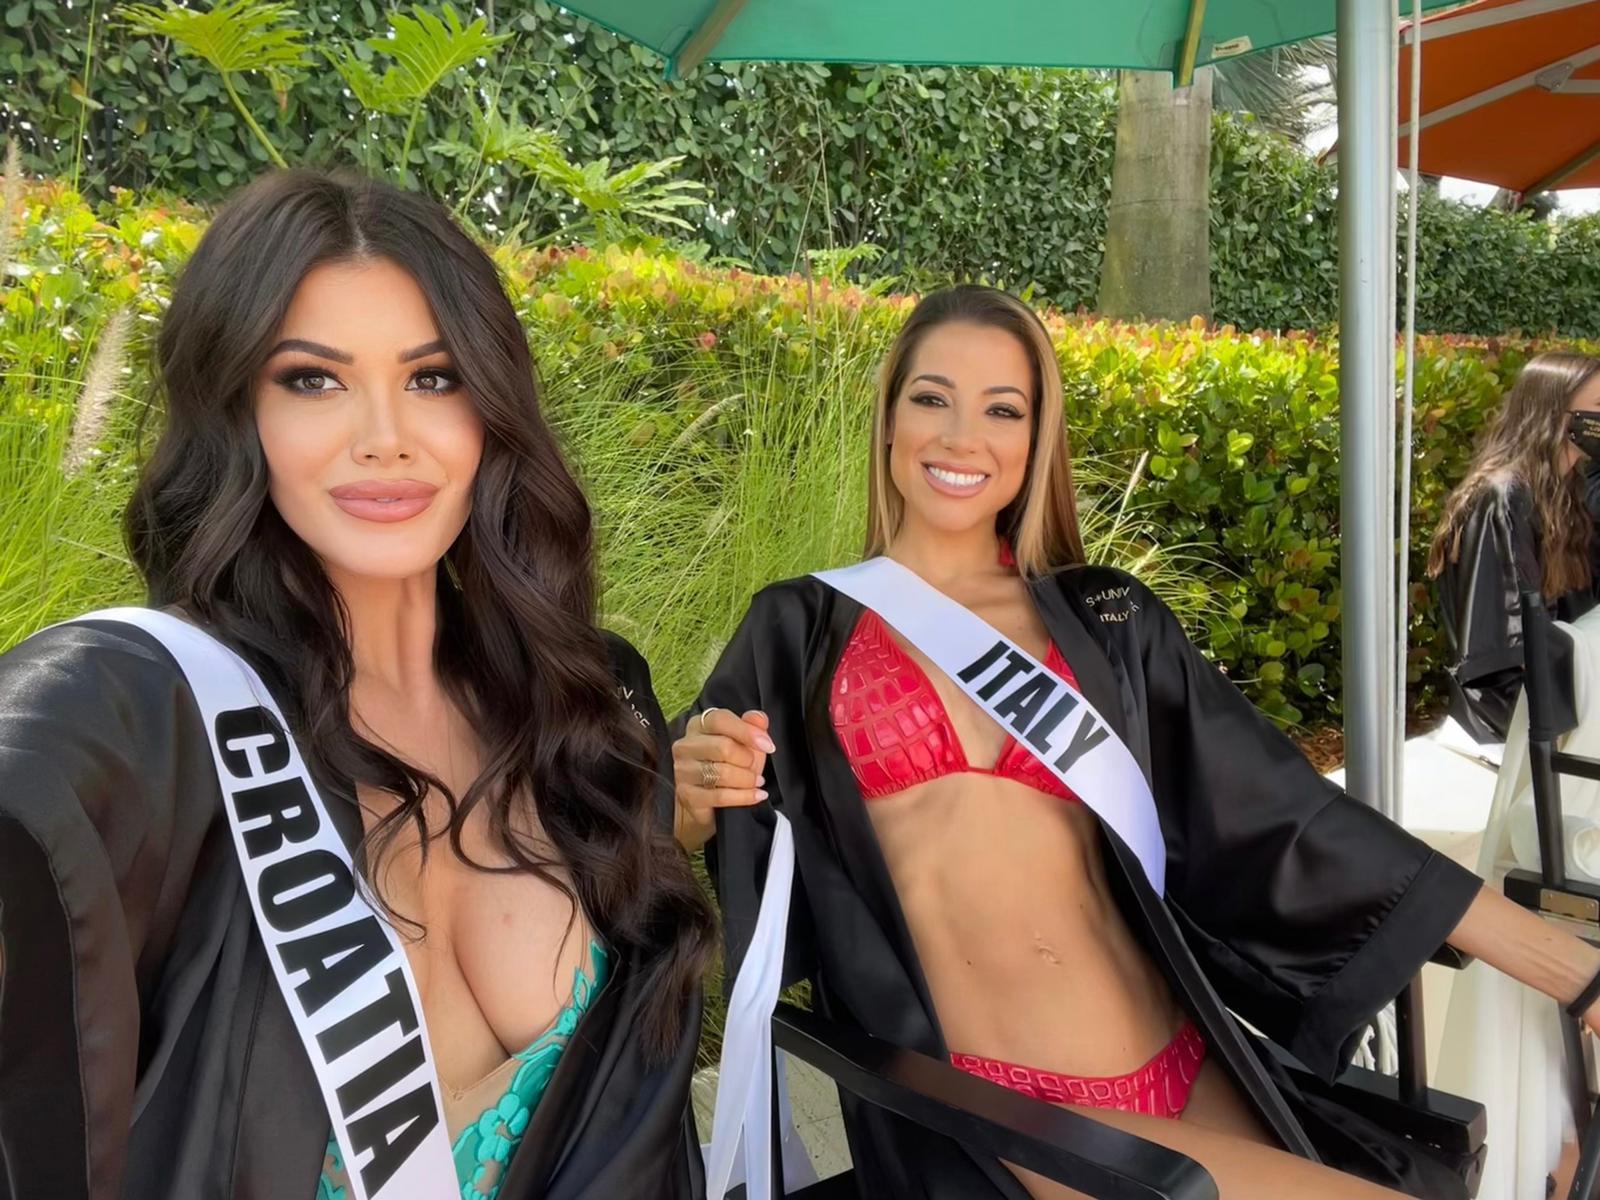 Hrvatska misica Mirna Naiia Marić u nedjelju na finalnom izboru za Miss Universe 2020.